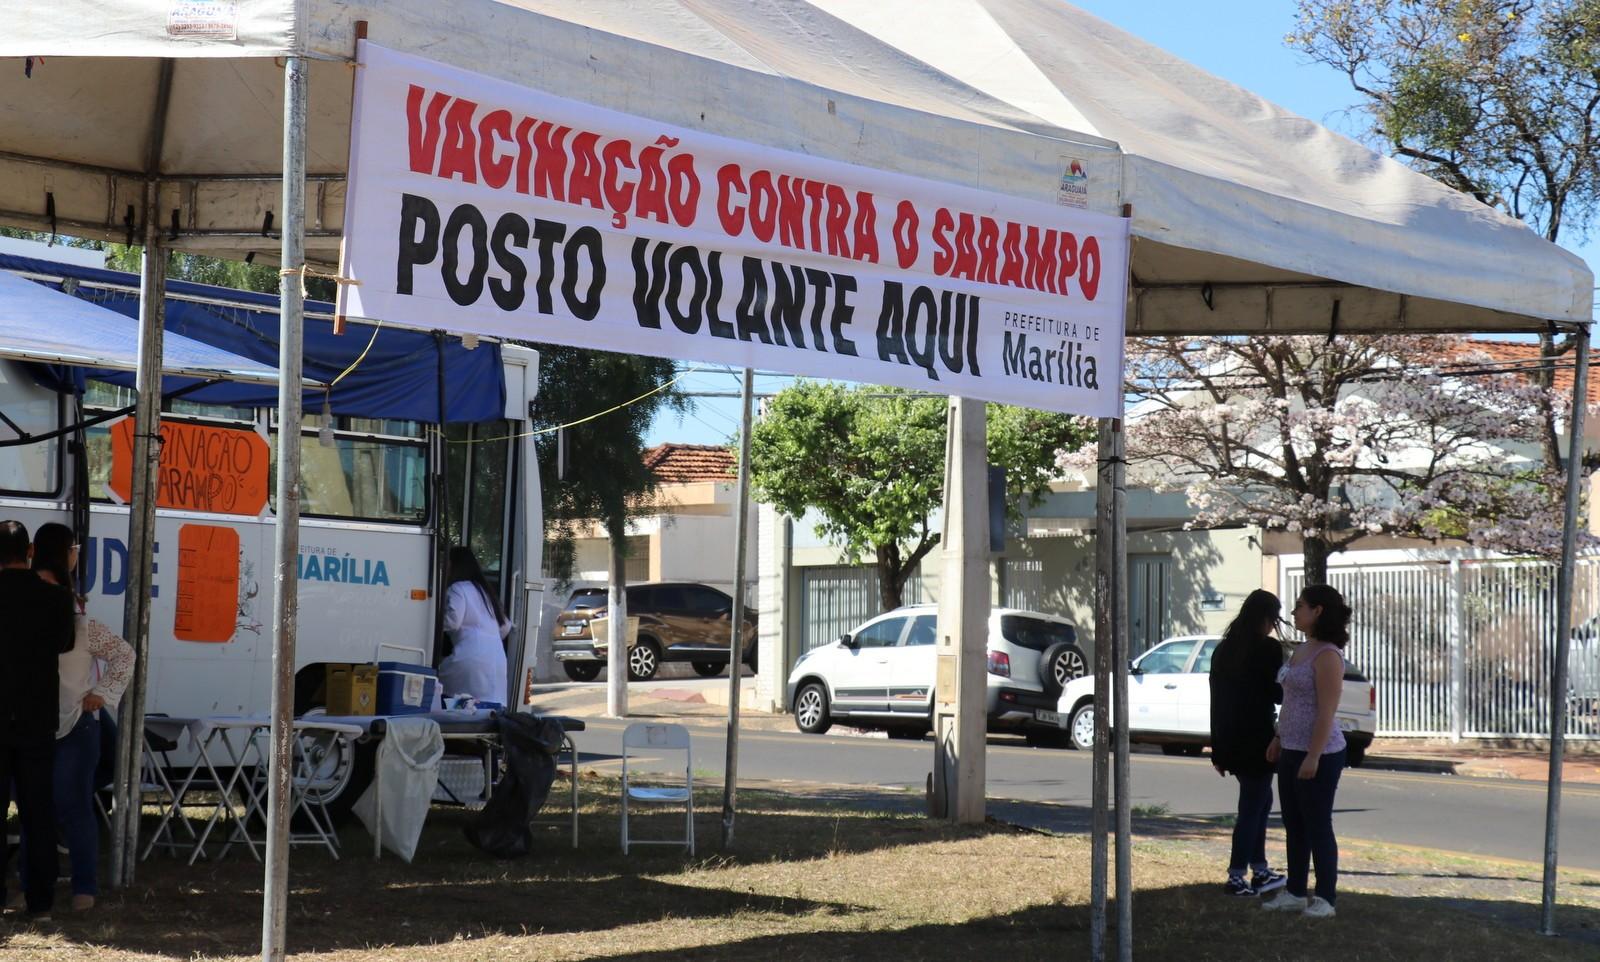 Marília confirma mais dois casos de sarampo e amplia ações de bloqueio - Notícias - Plantão Diário